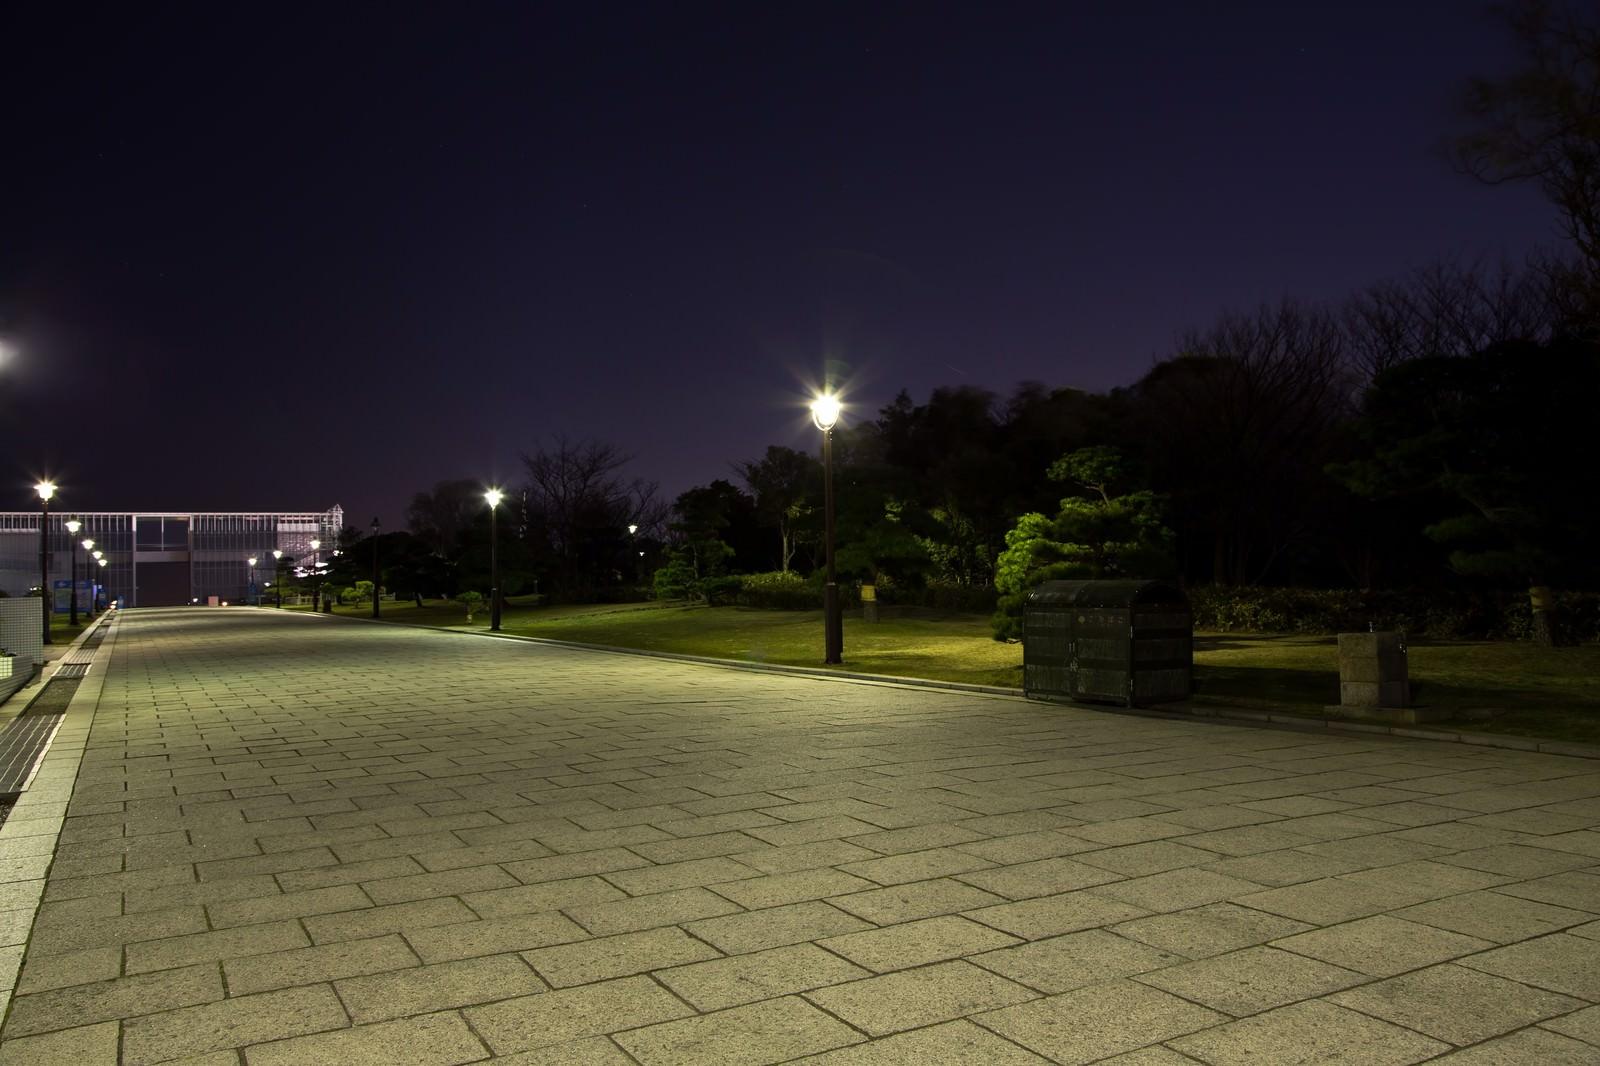 「夜の葛西臨海公園の展望広場まで」の写真